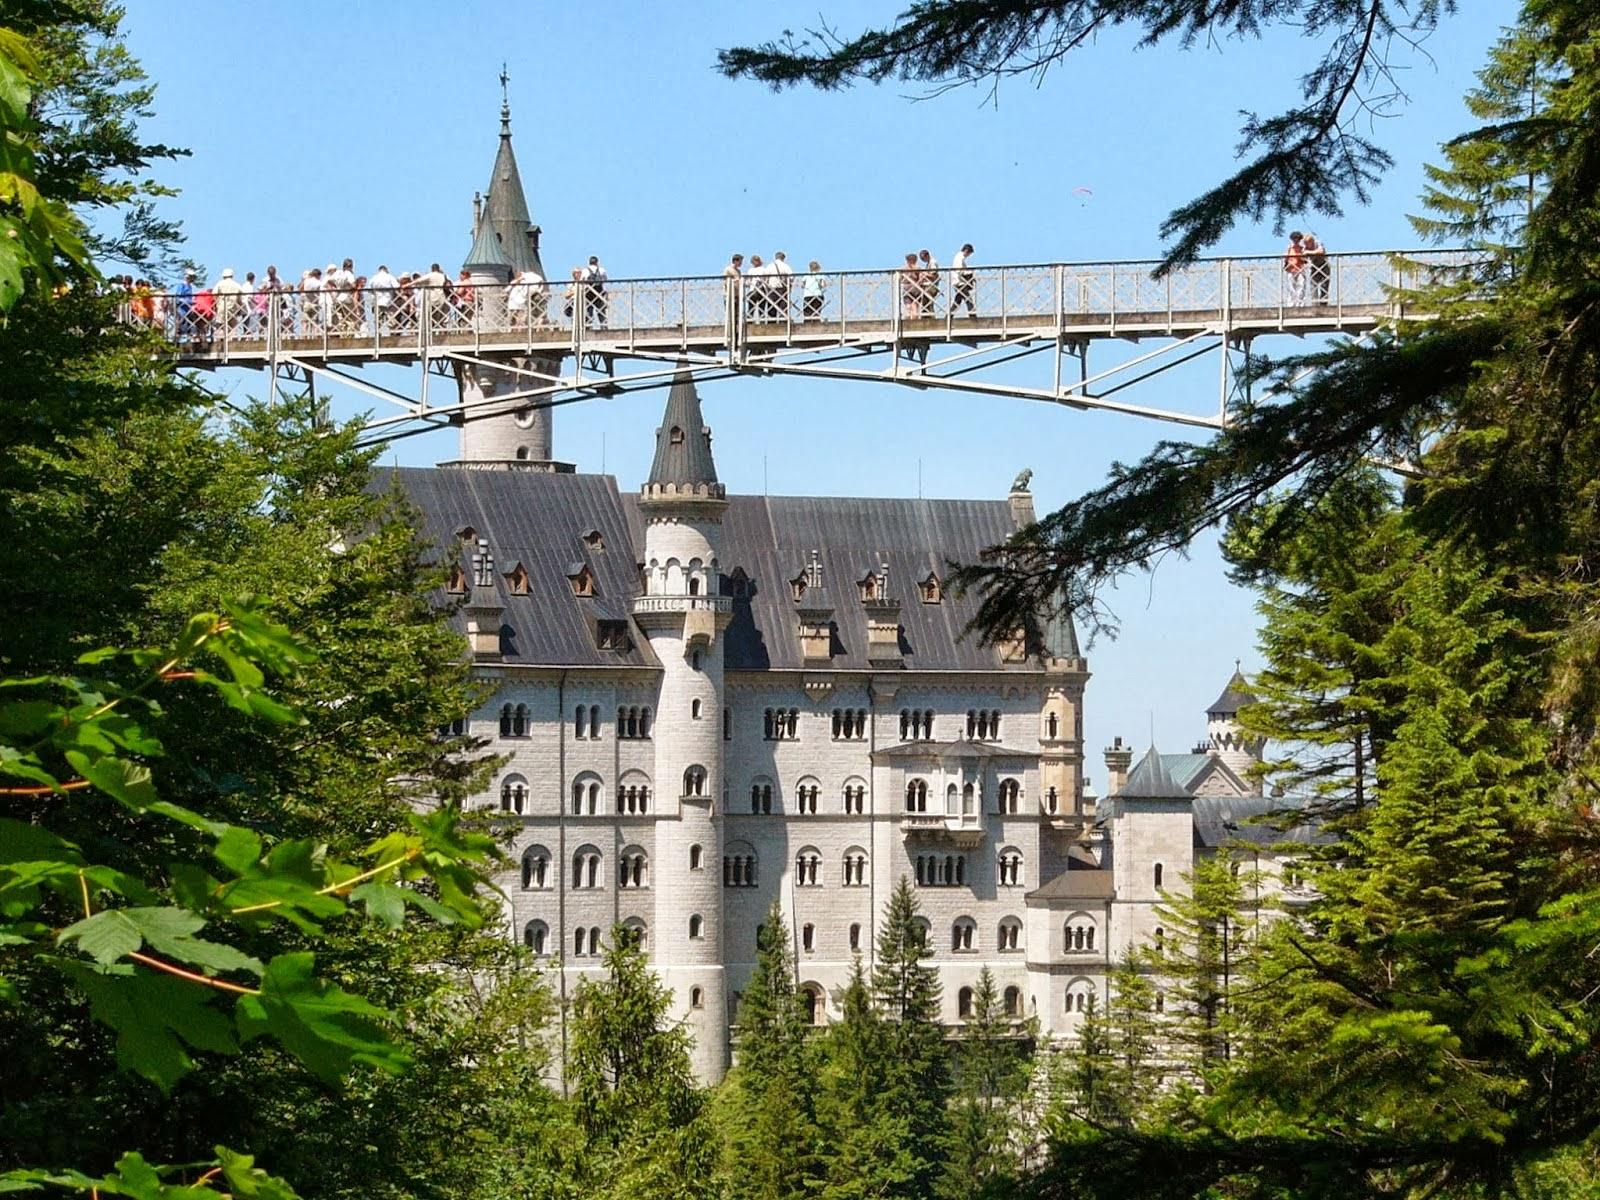 crowds マリエン橋(-ばし、標準ドイツ語: Marienbrücke) Maria's bridge hohenschwangau